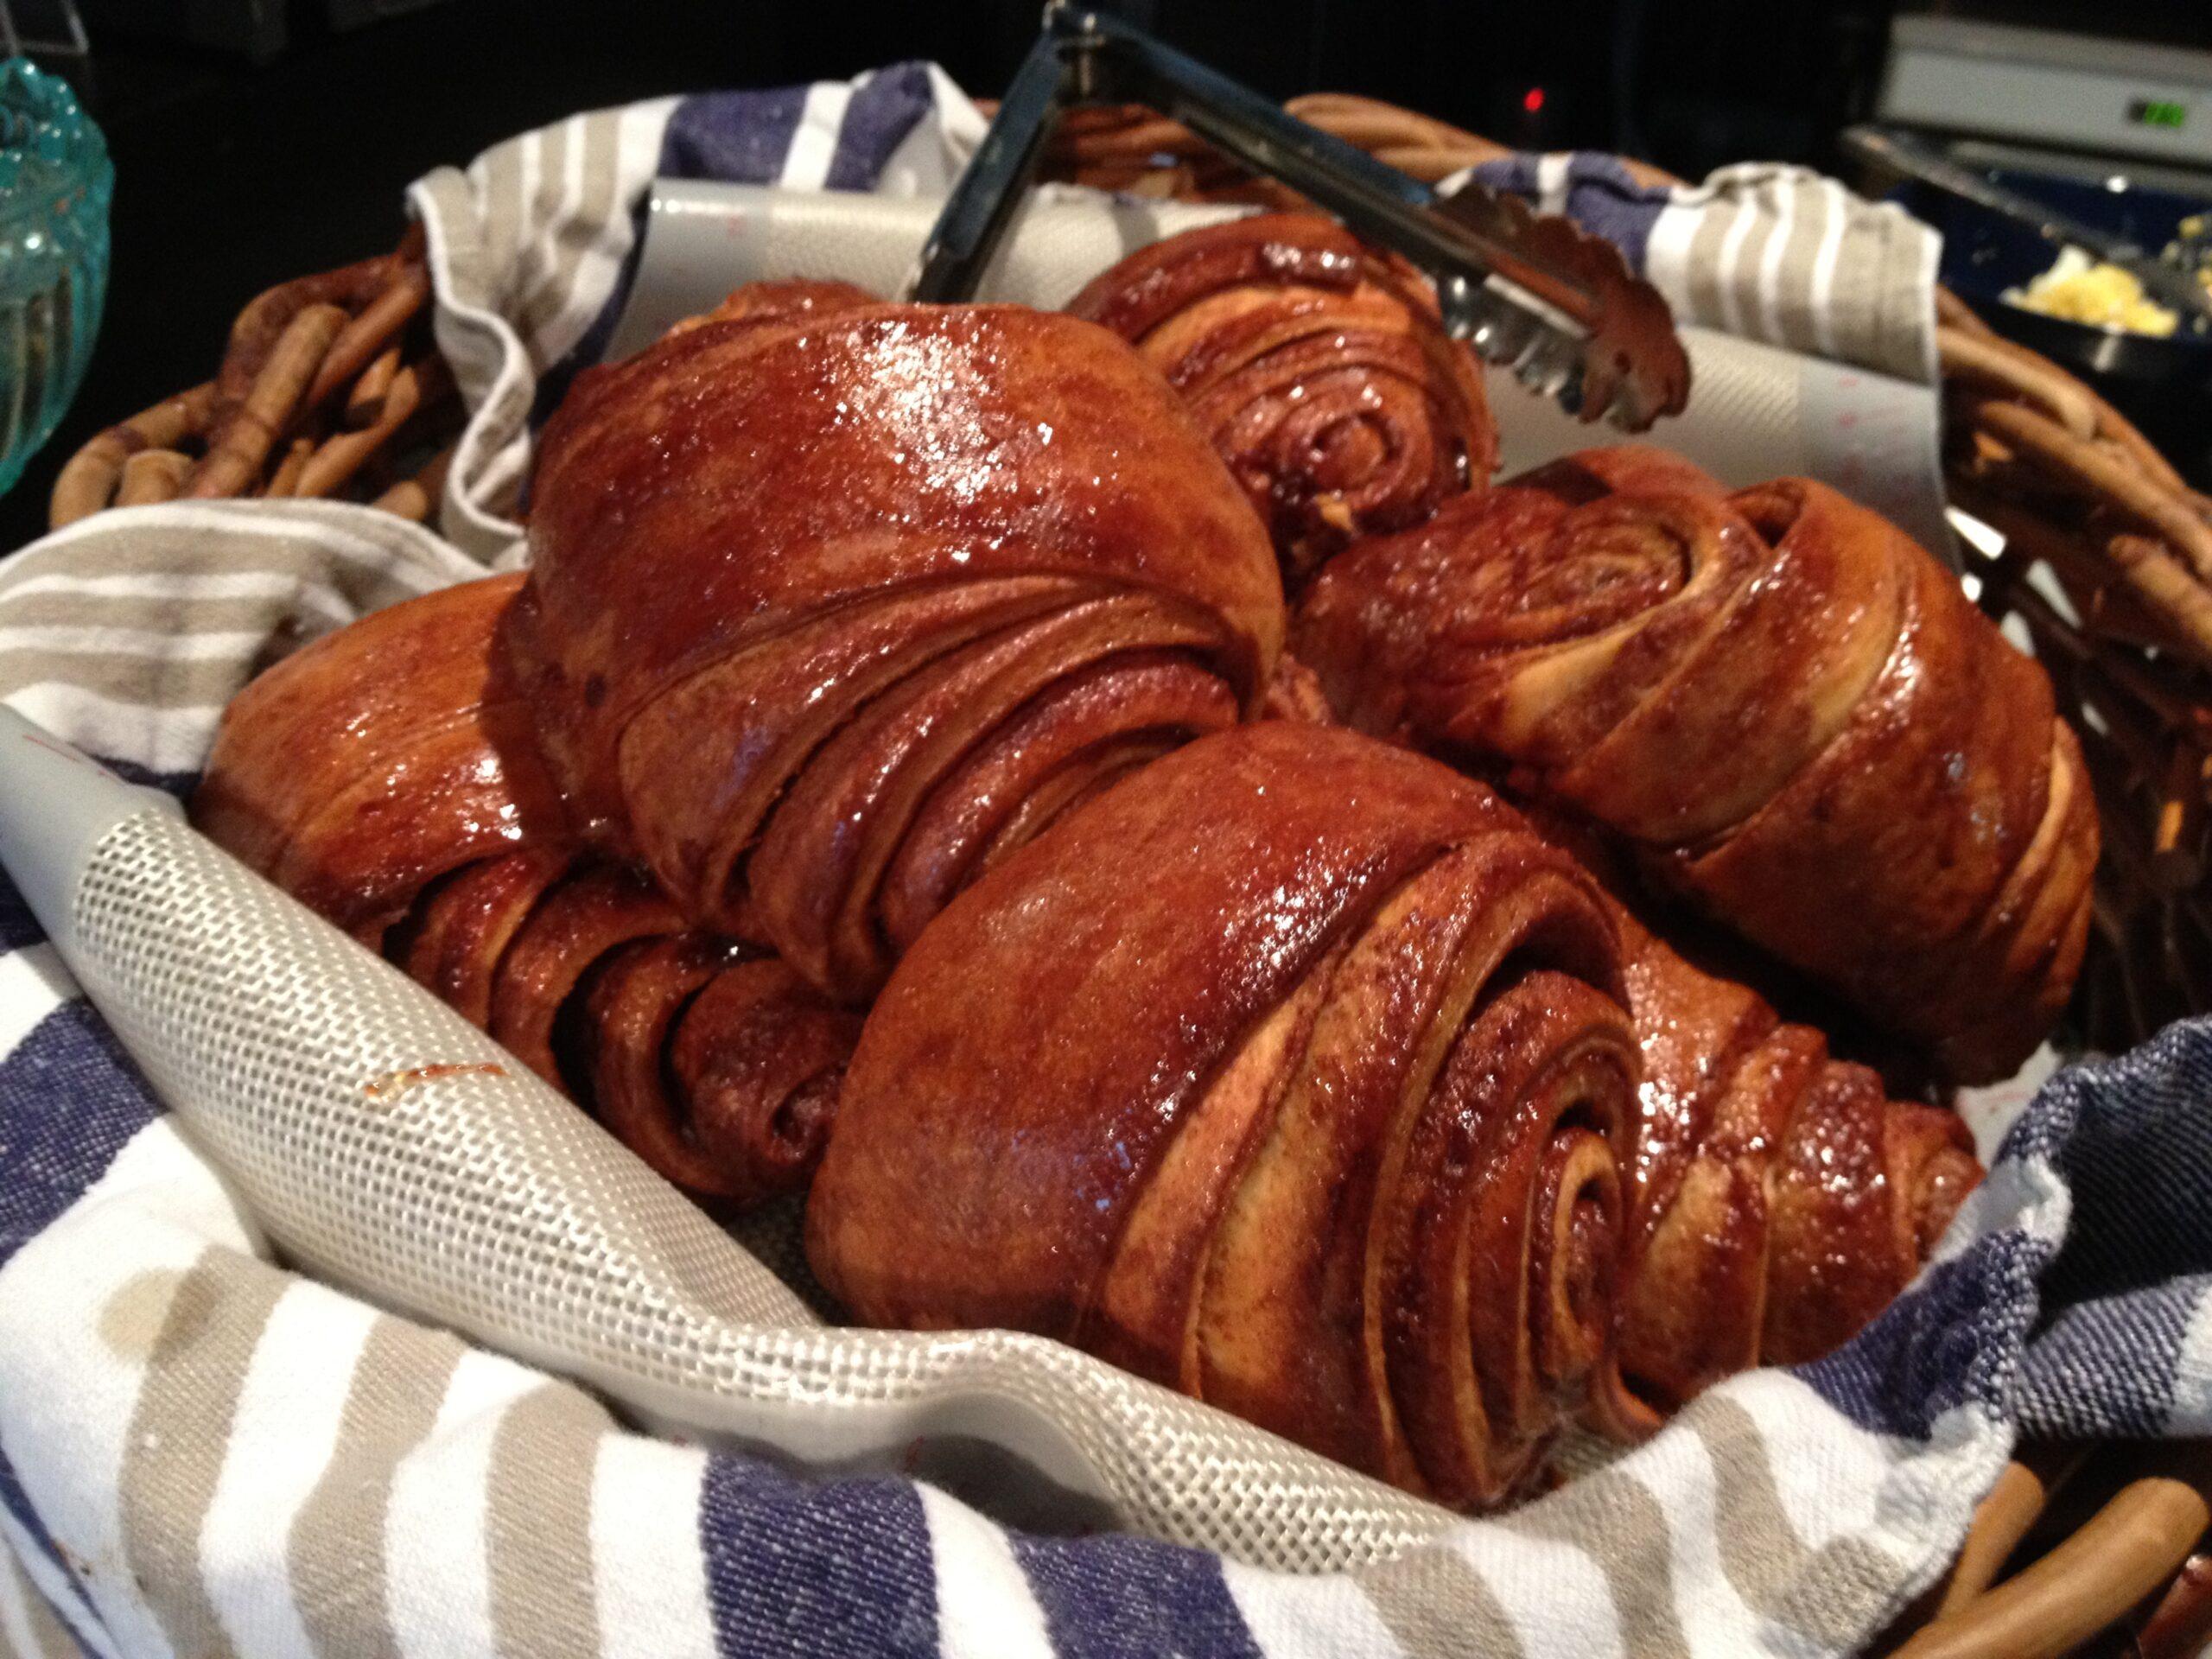 Cinnamon Bun bakery